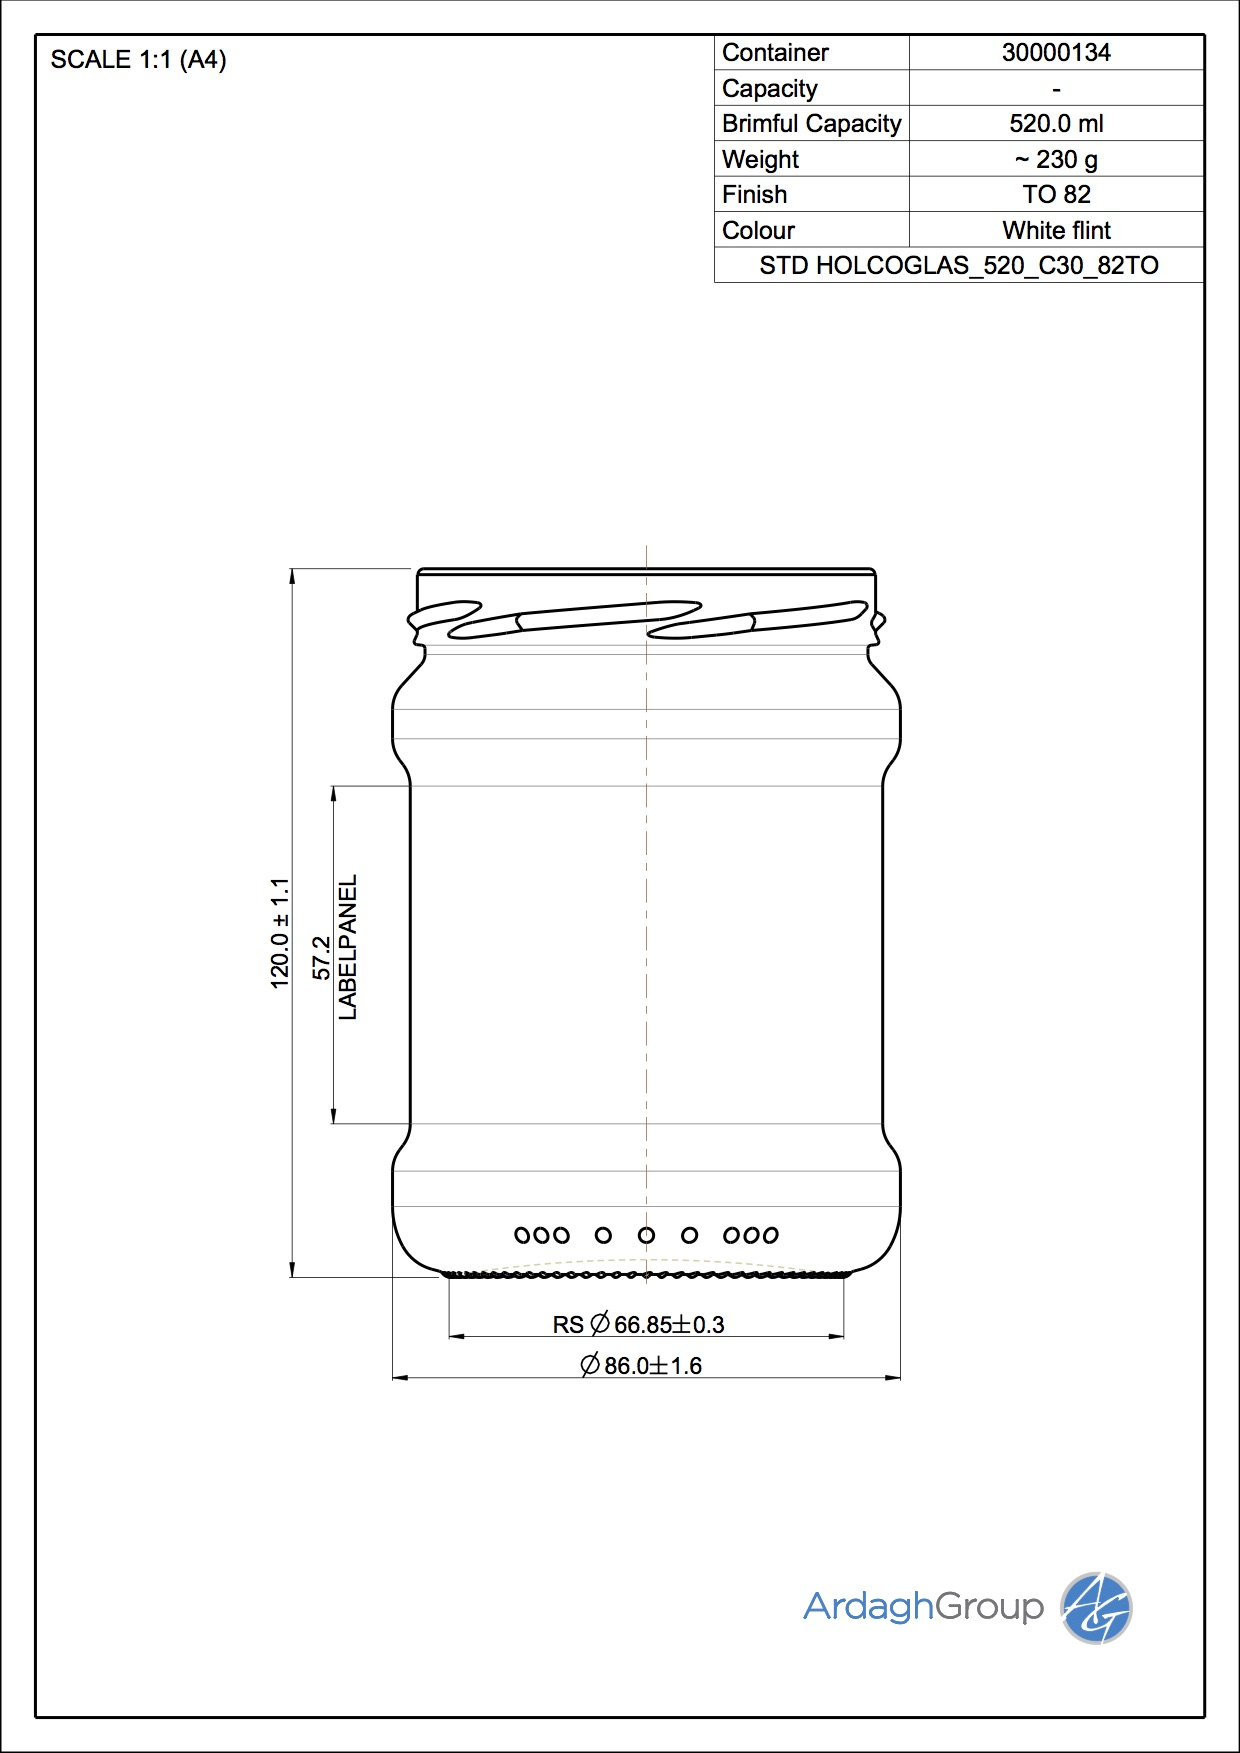 Holcoglas 520 C30 82TO